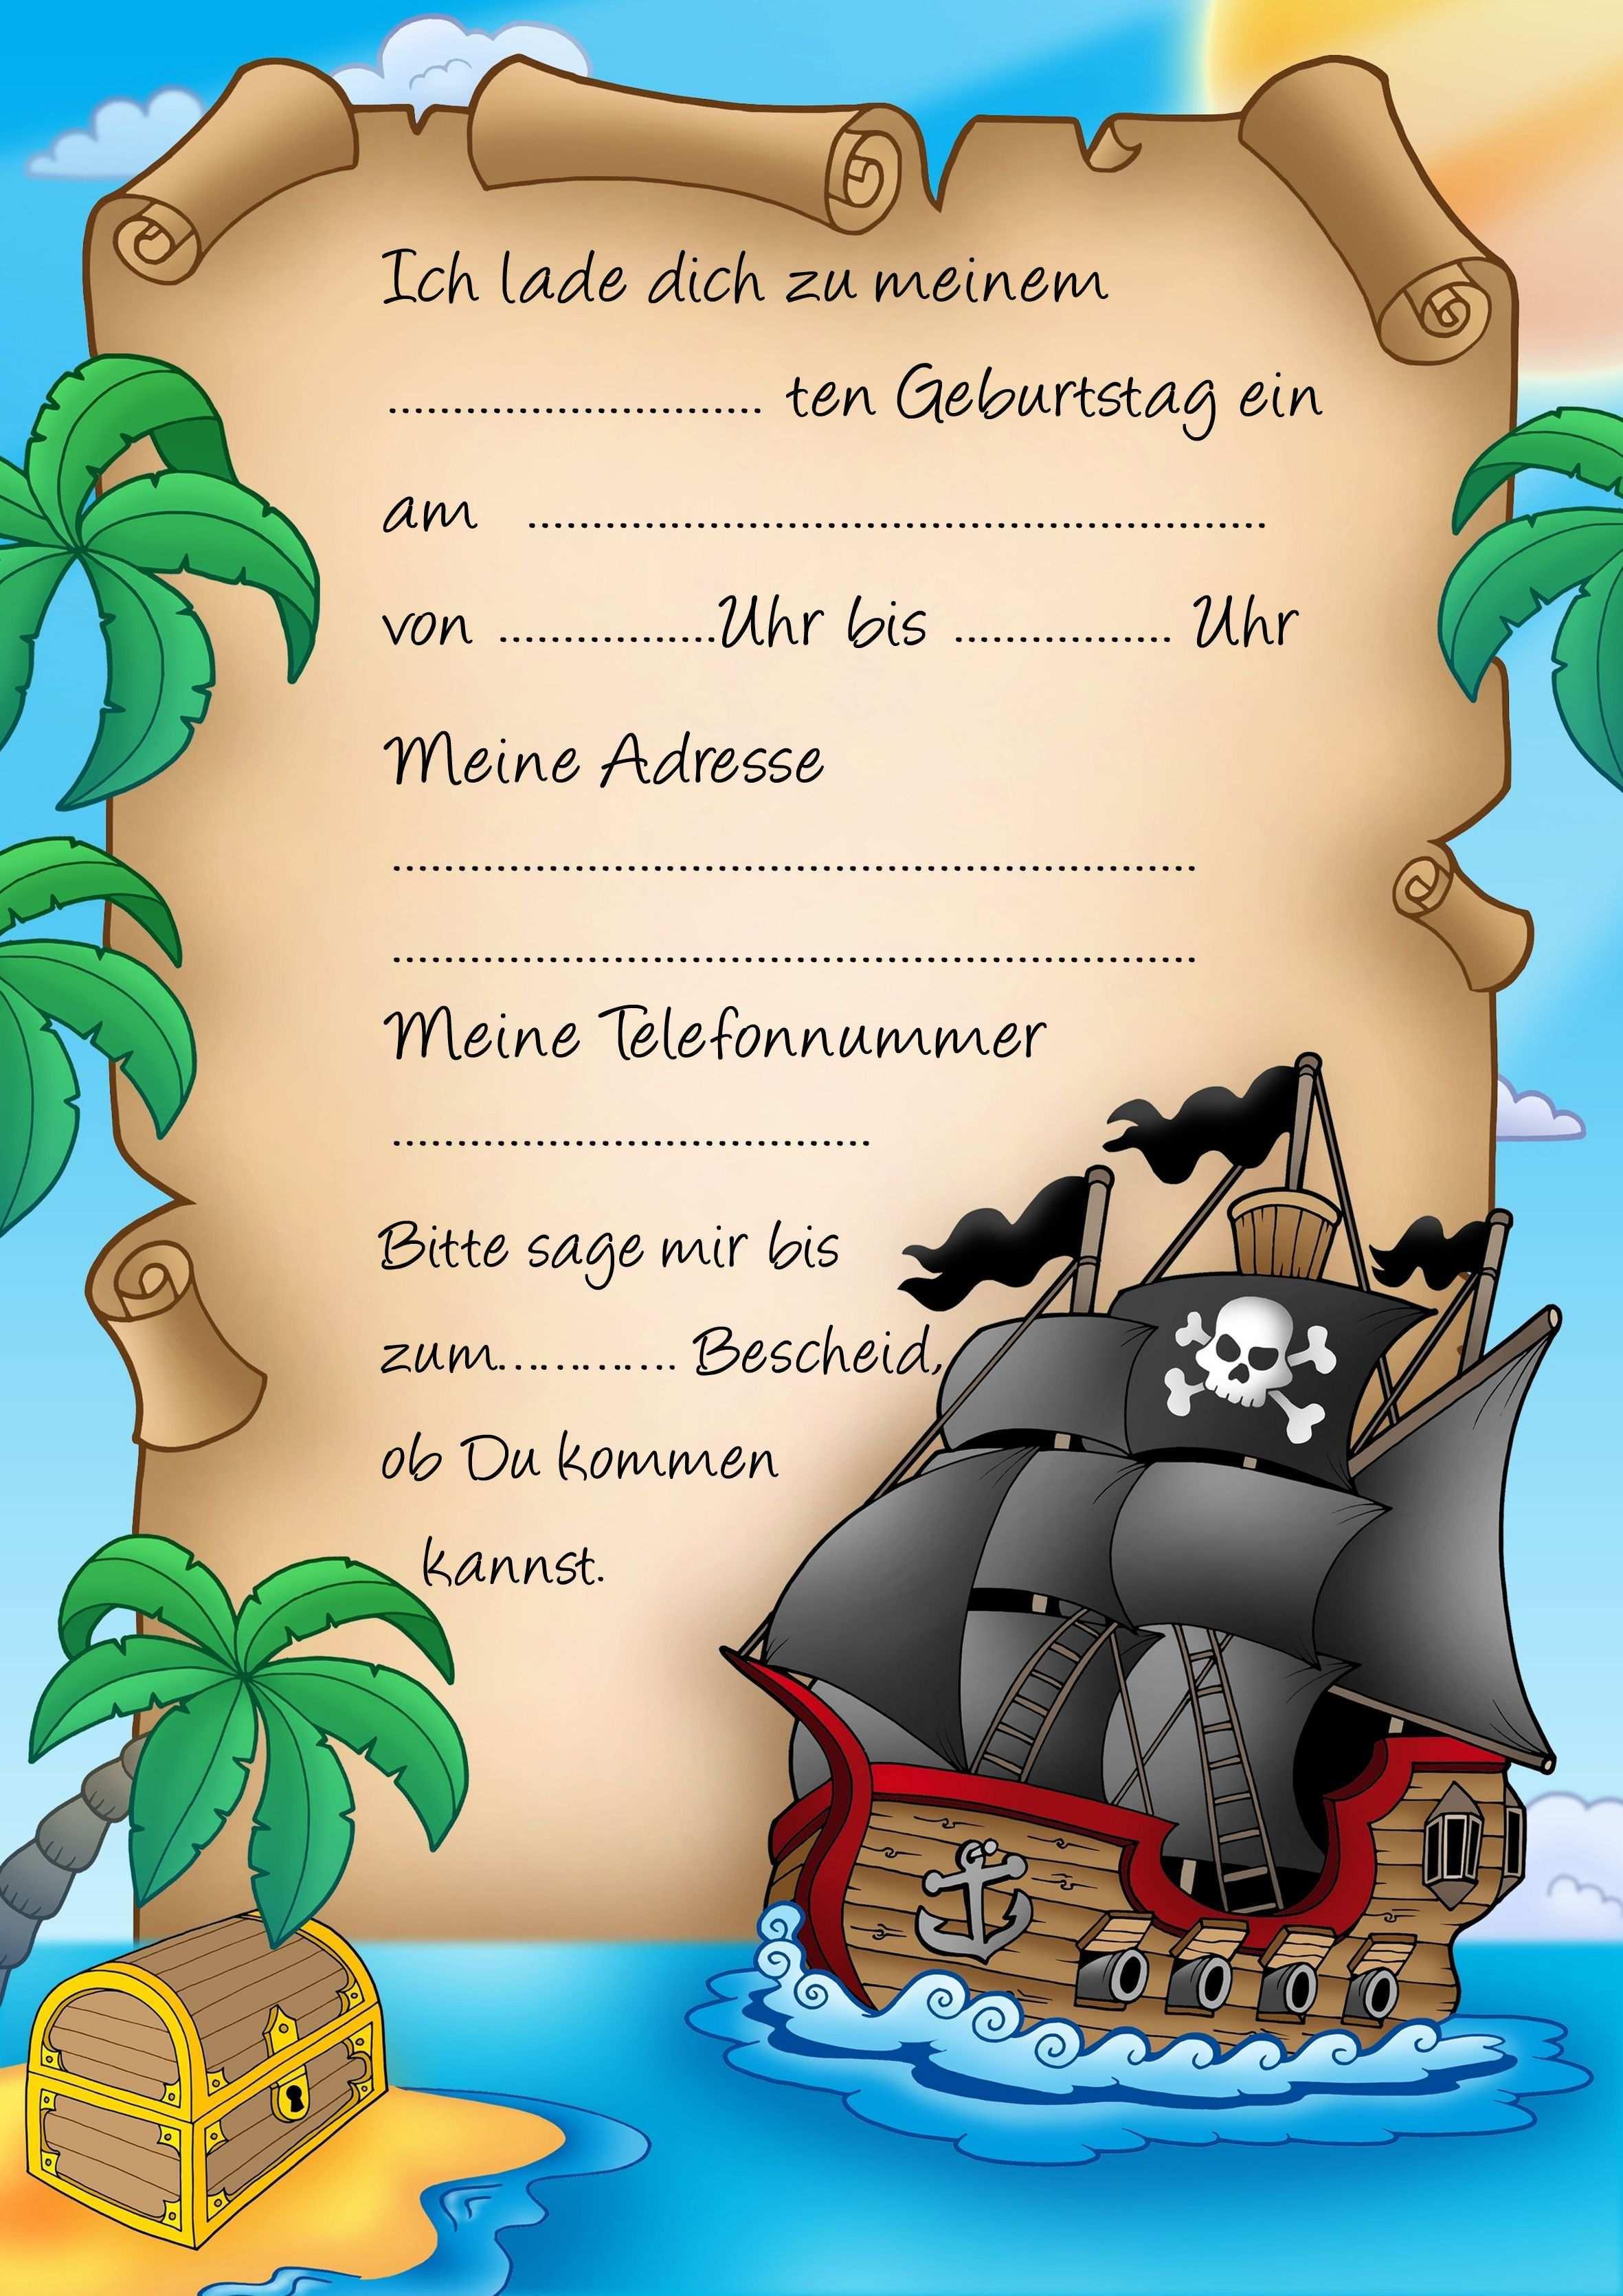 Einladung Schiff Jpg 2362 3341 Vorlage Einladung Kindergeburtstag Geburtstagseinladungen Kindergeburtstag Einladungskarten Kindergeburtstag Kostenlos